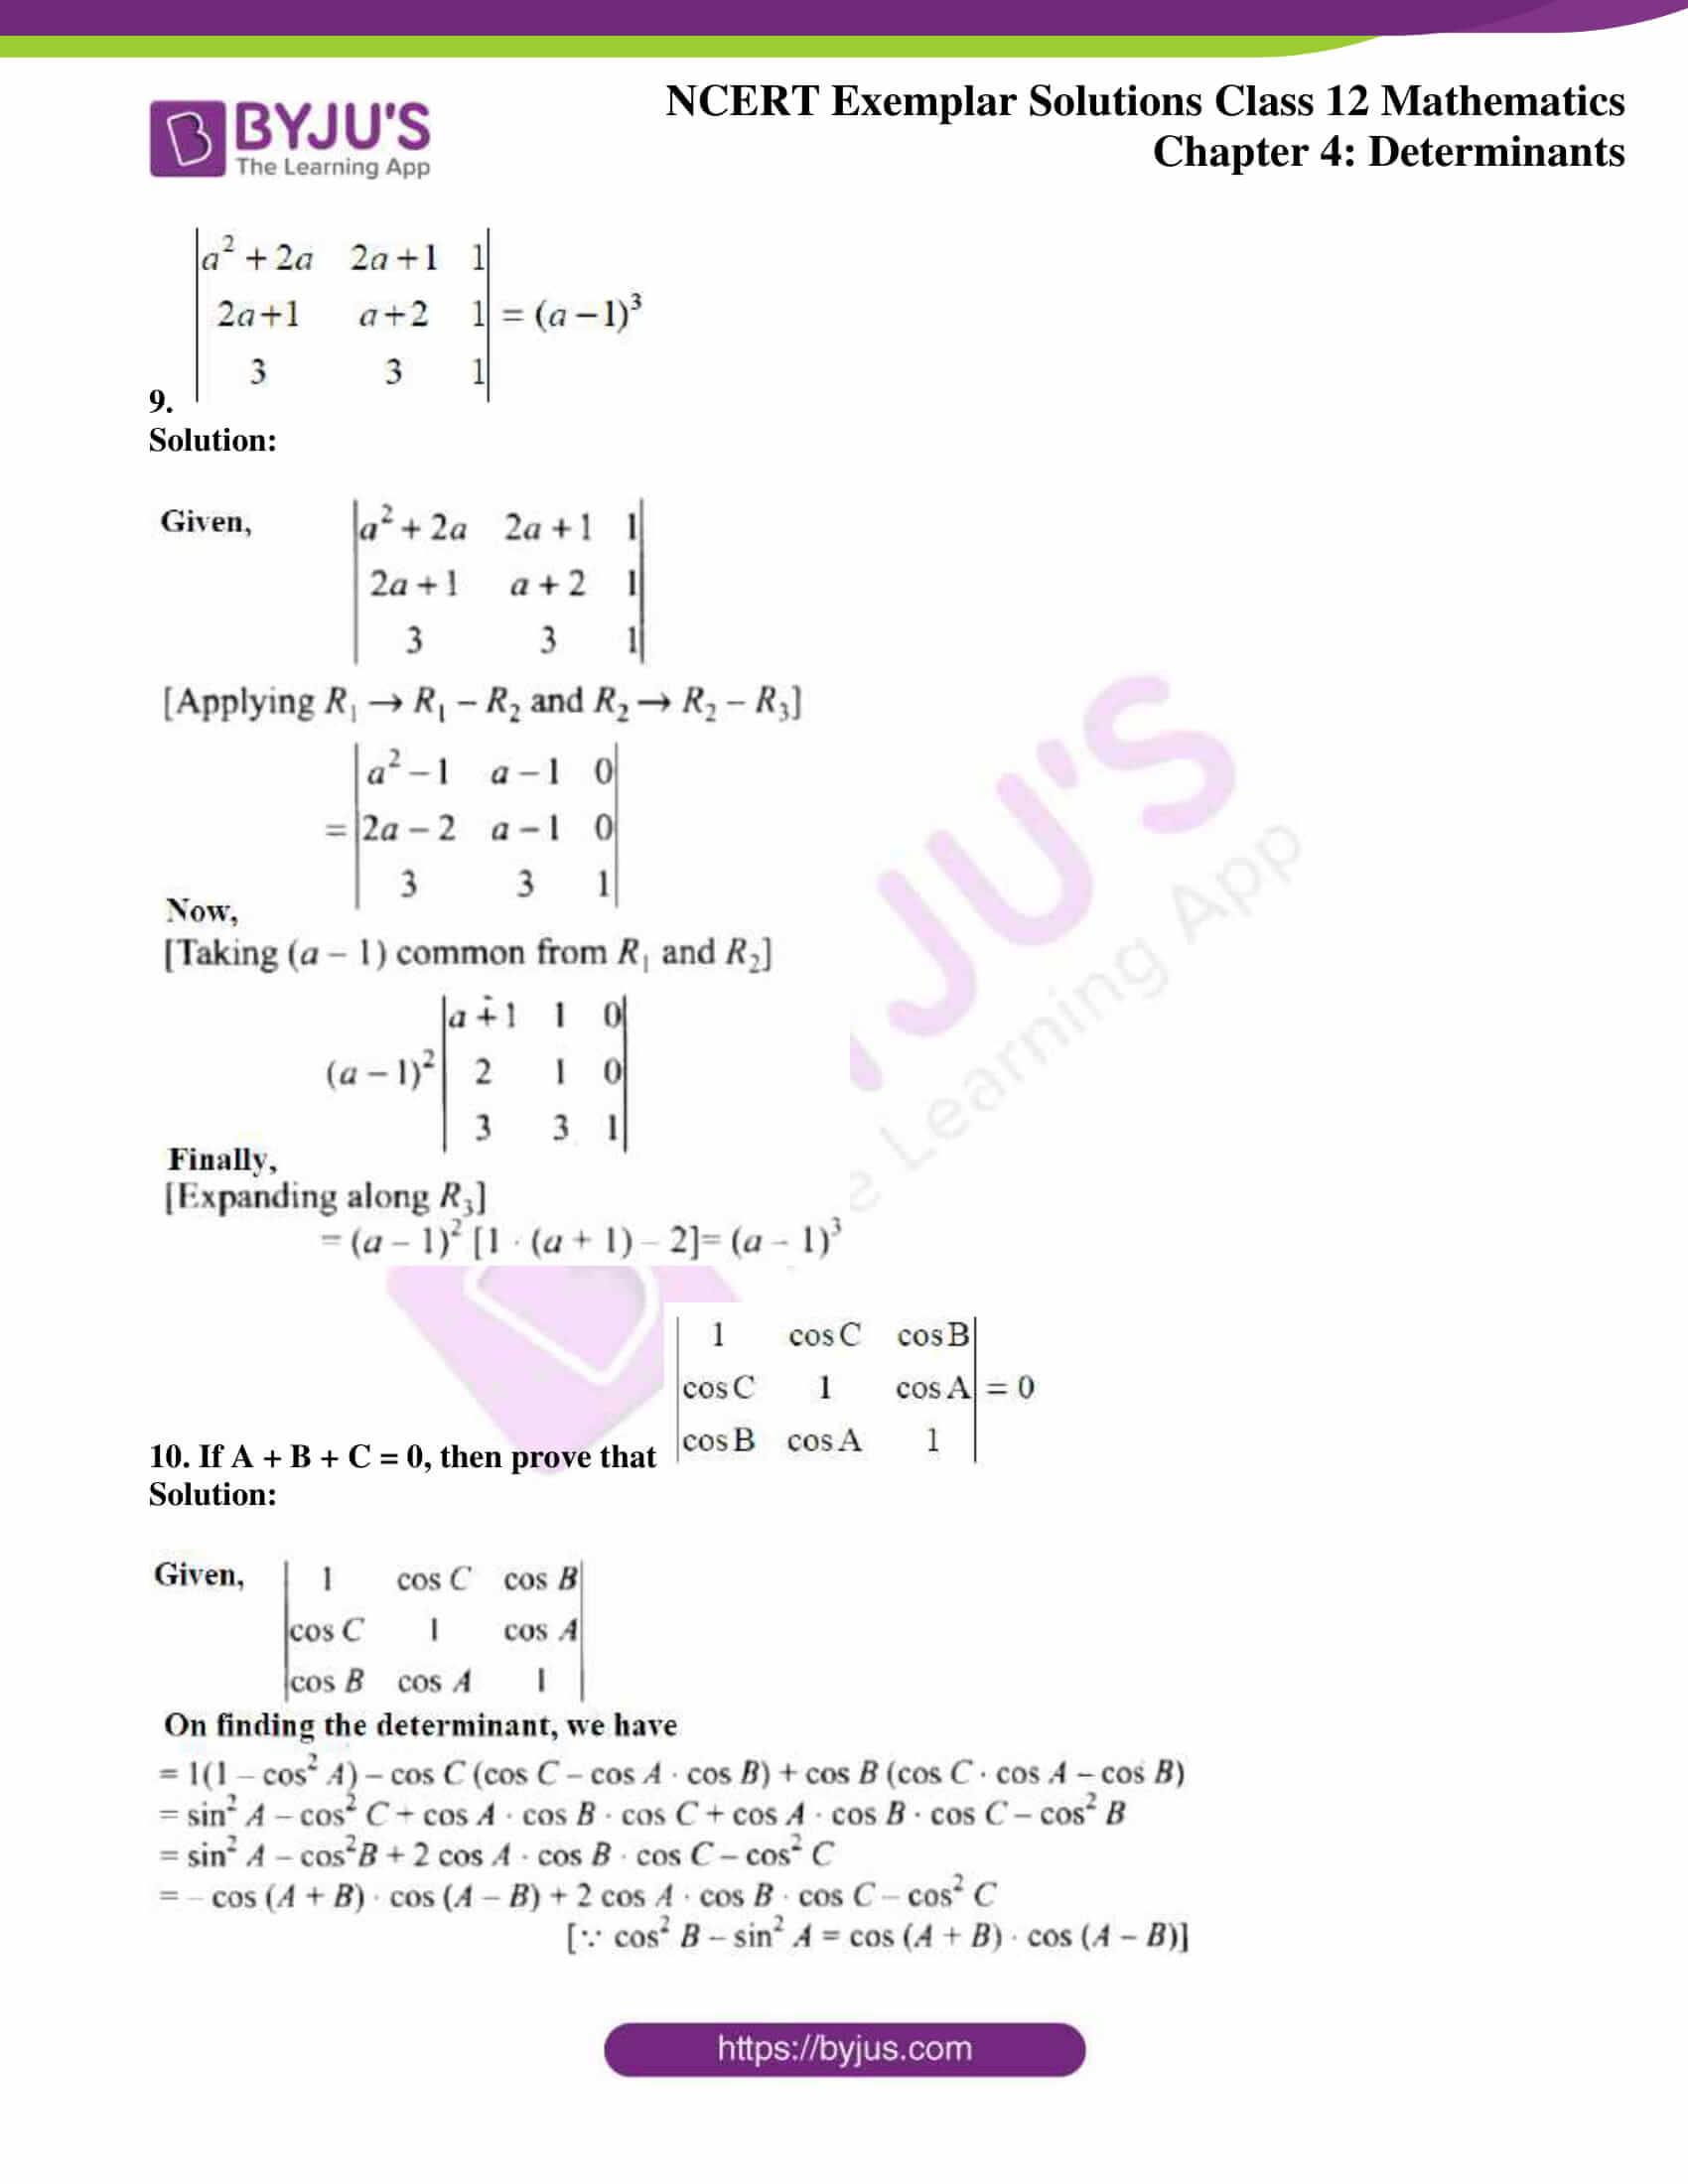 ncert exemplar sol class 12 math ch4 07